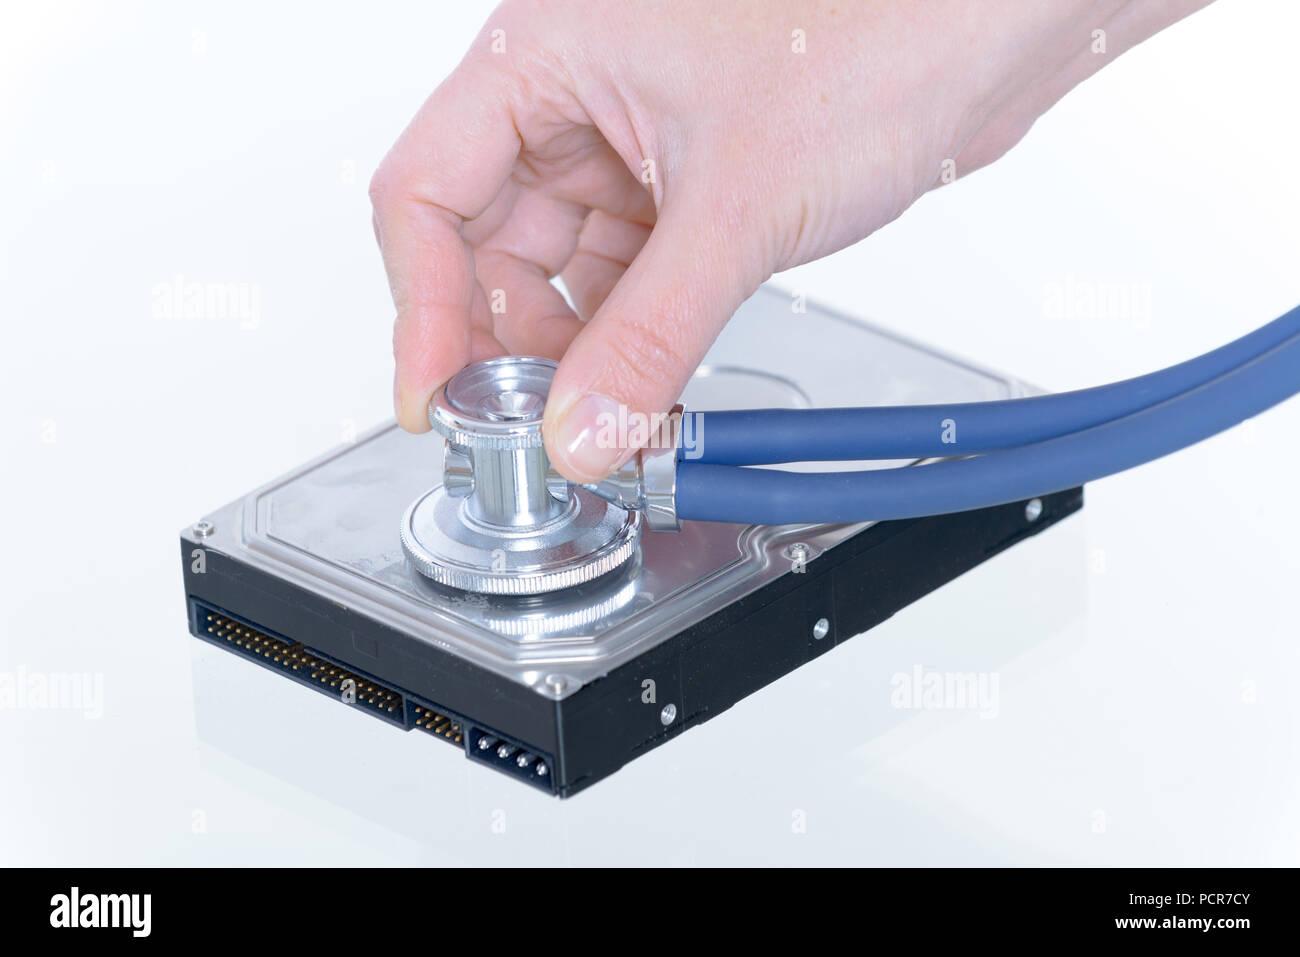 Festplattenfehler, Konzept der Prüfung mit Stethoskop Stockbild